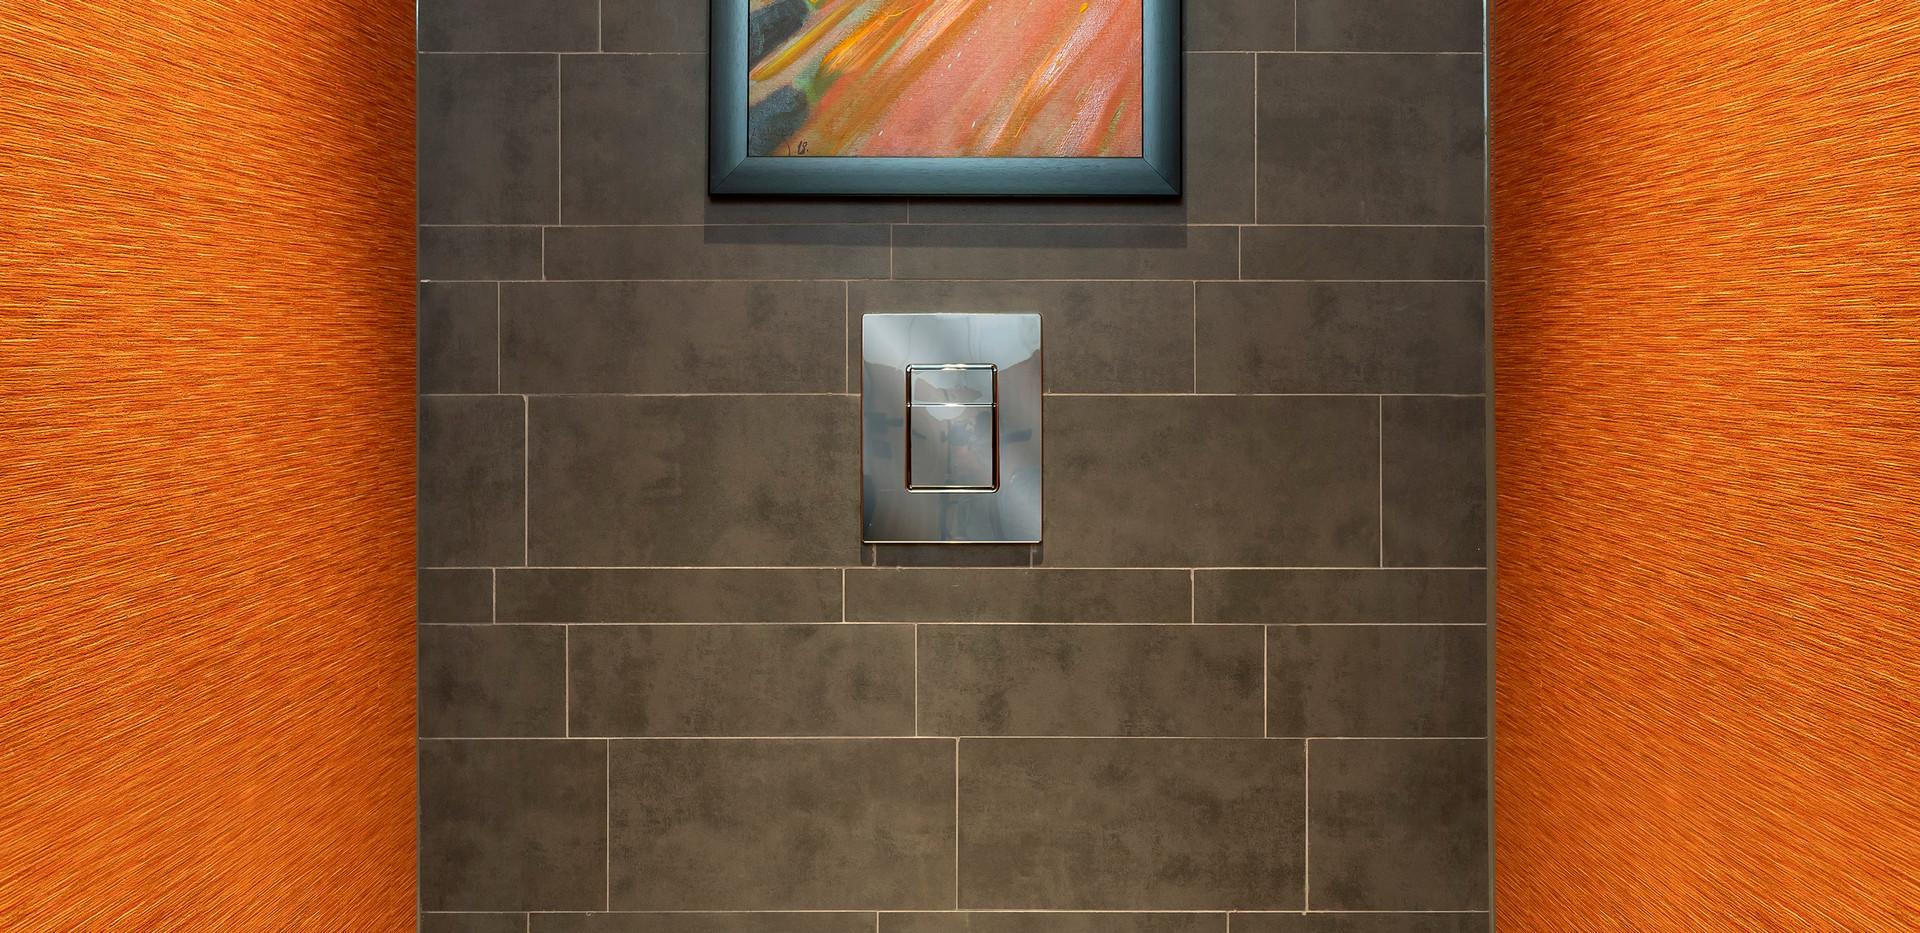 Room Bathroom - 06 - WC Turuncu.jpg